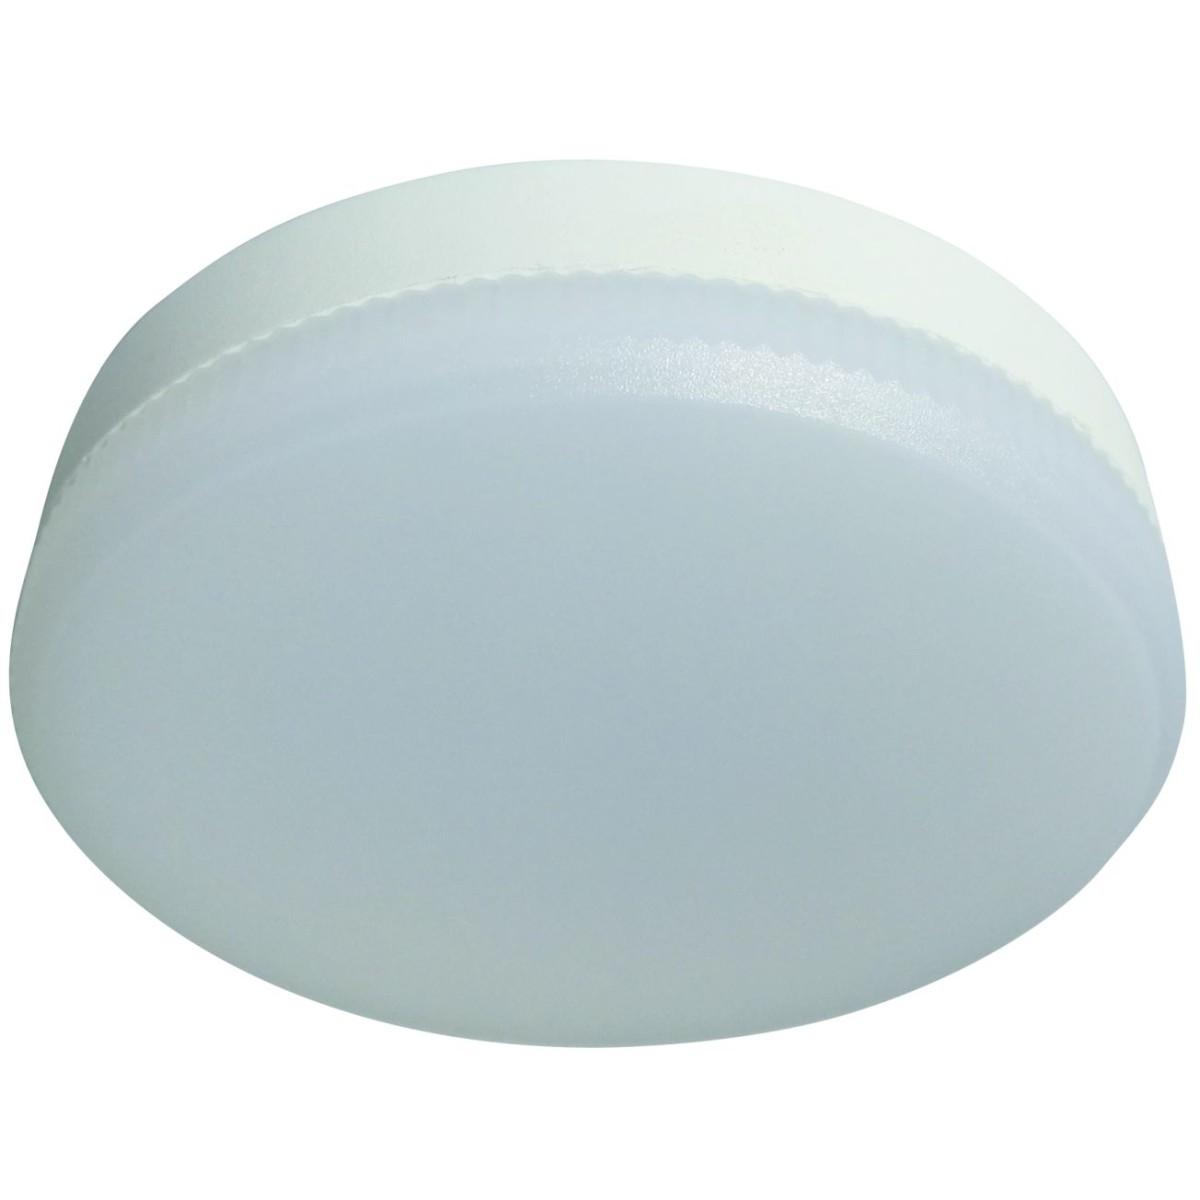 Лампа Ecola light GX53 6 Вт таблетка 480 Лм нейтральный 10 шт